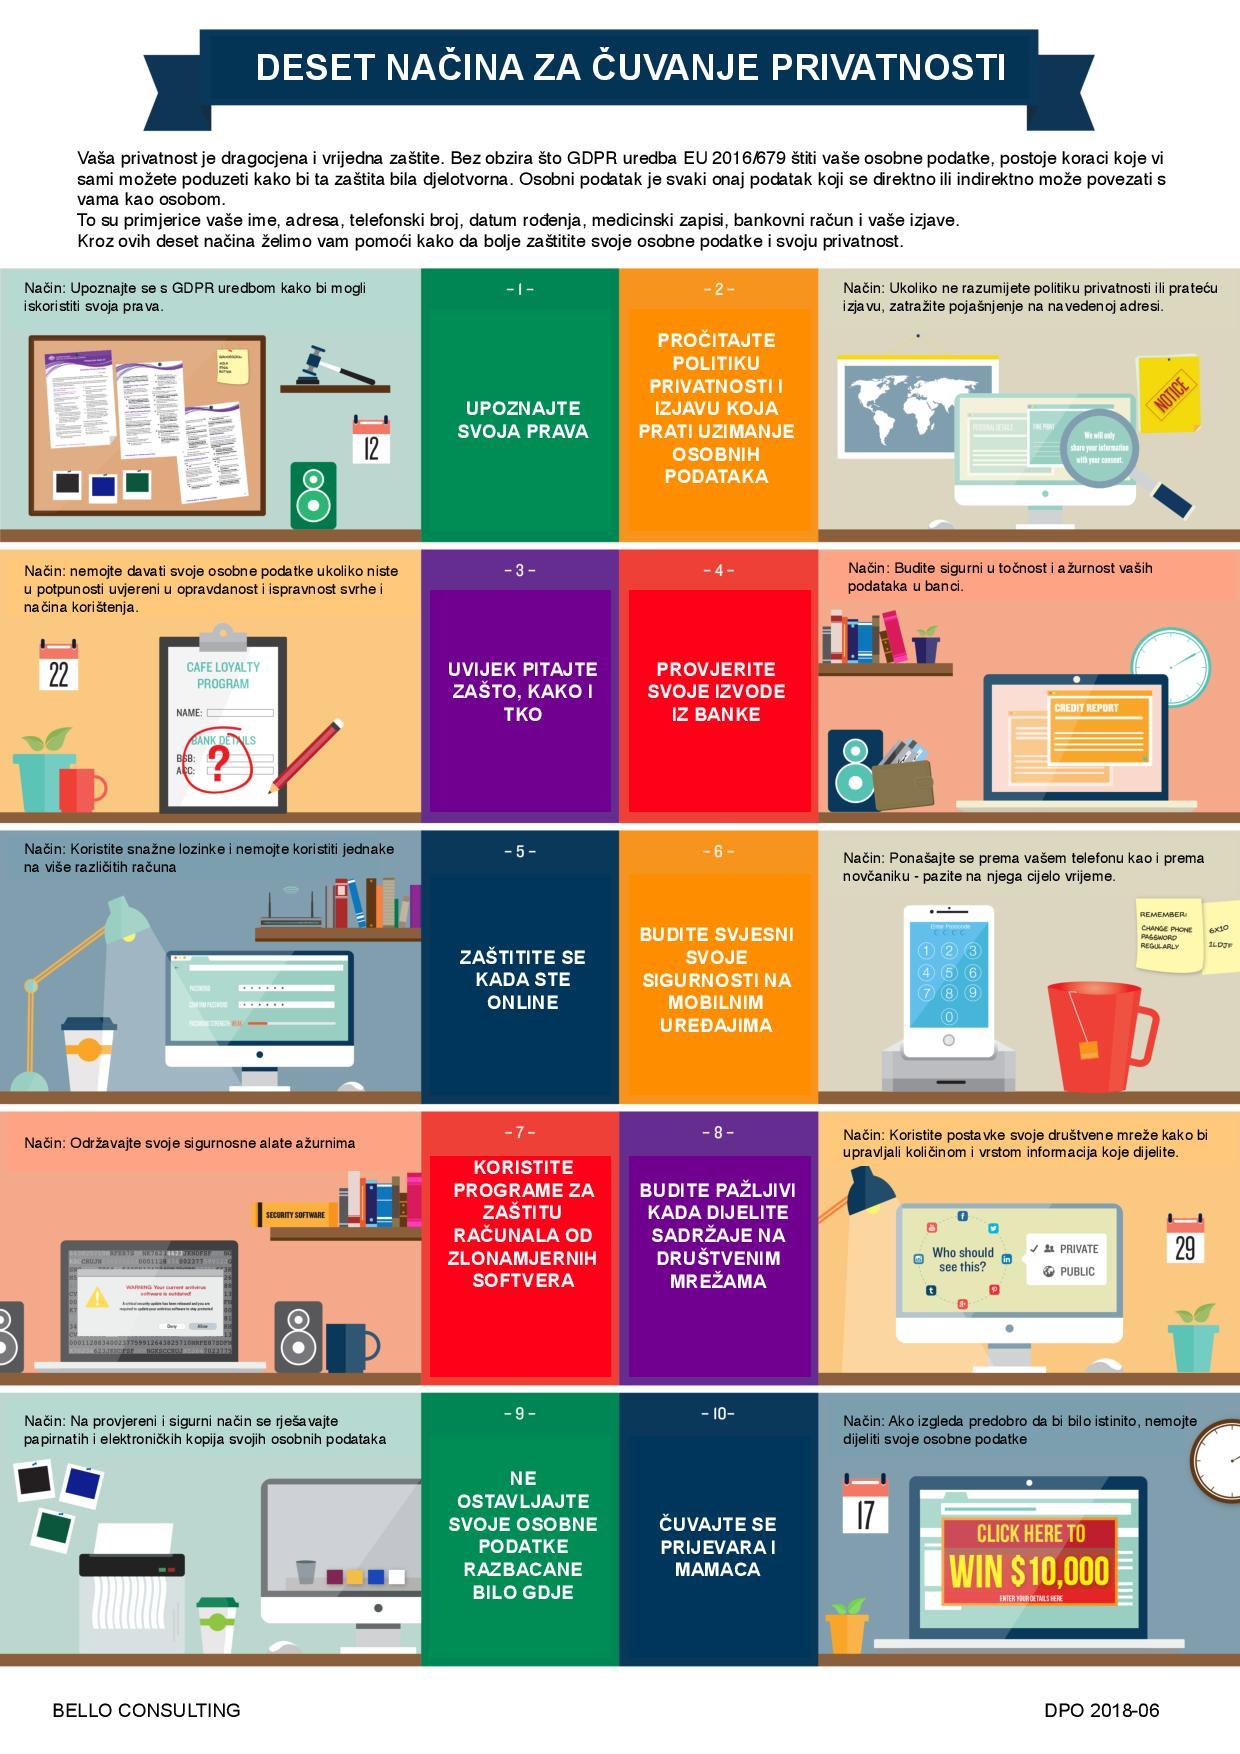 primjeri osobnih oglasa na mreži